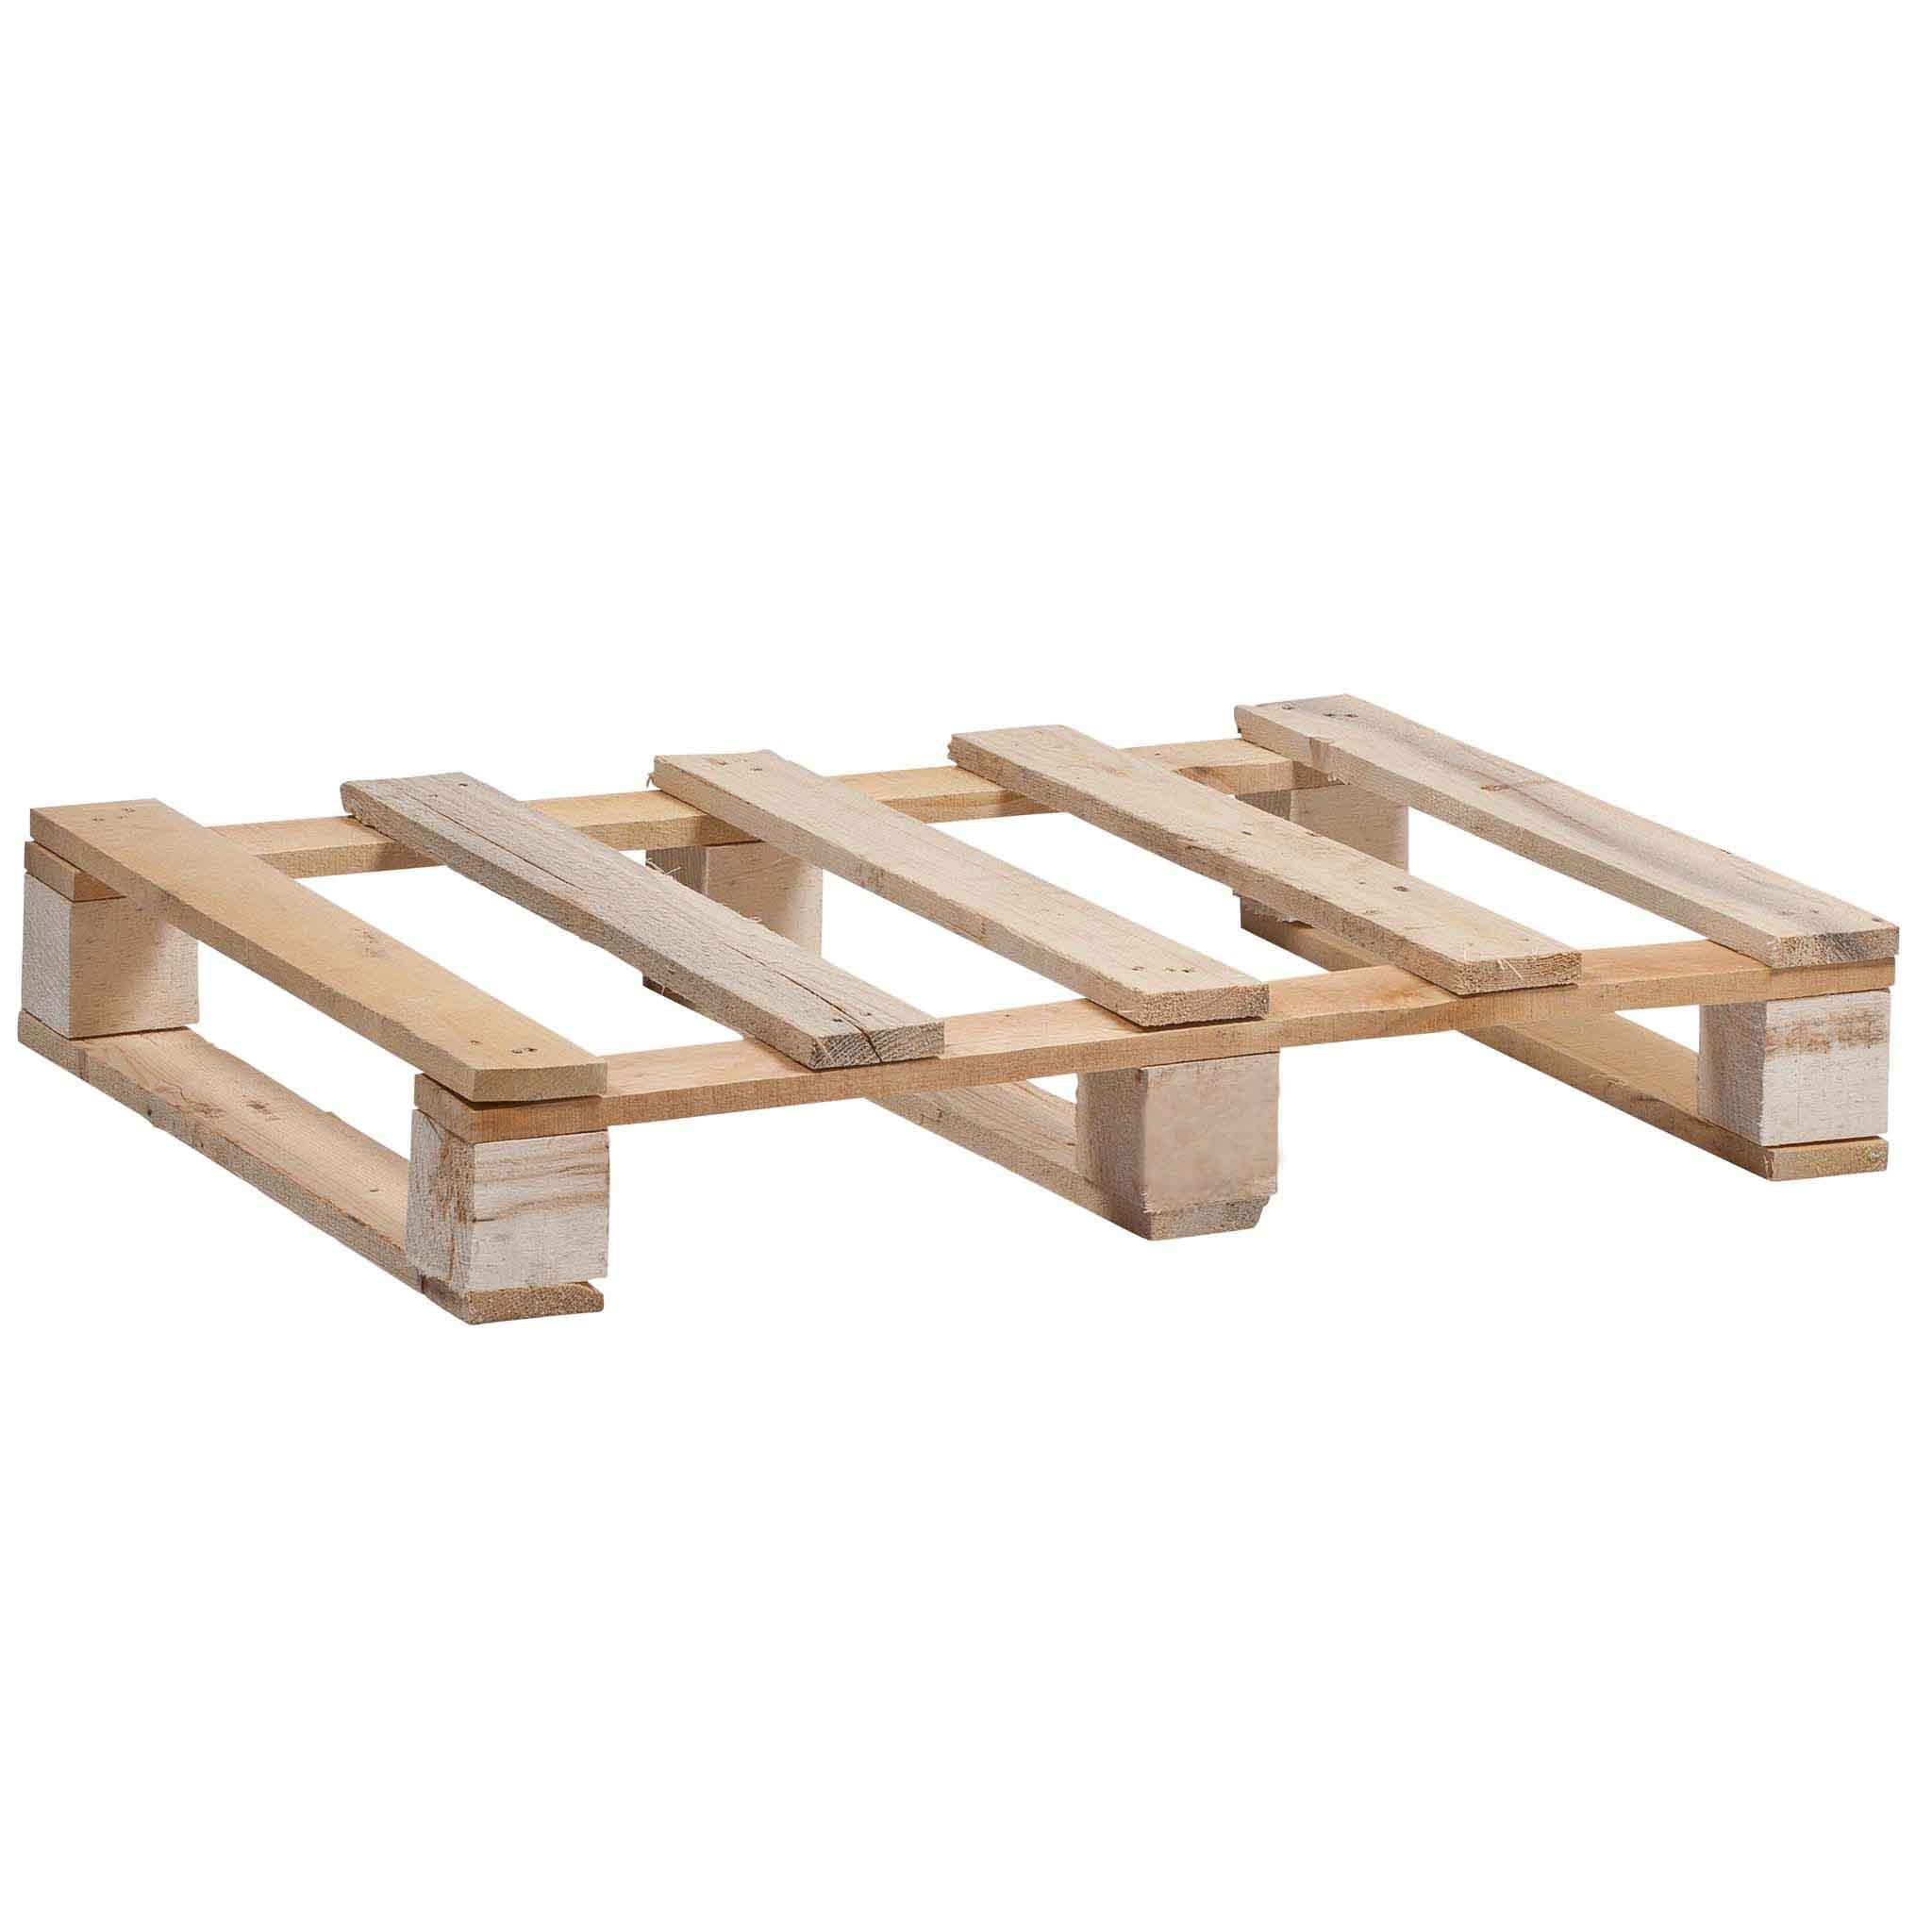 IPPC-Holzpaletten Größe 600 x 400 mm